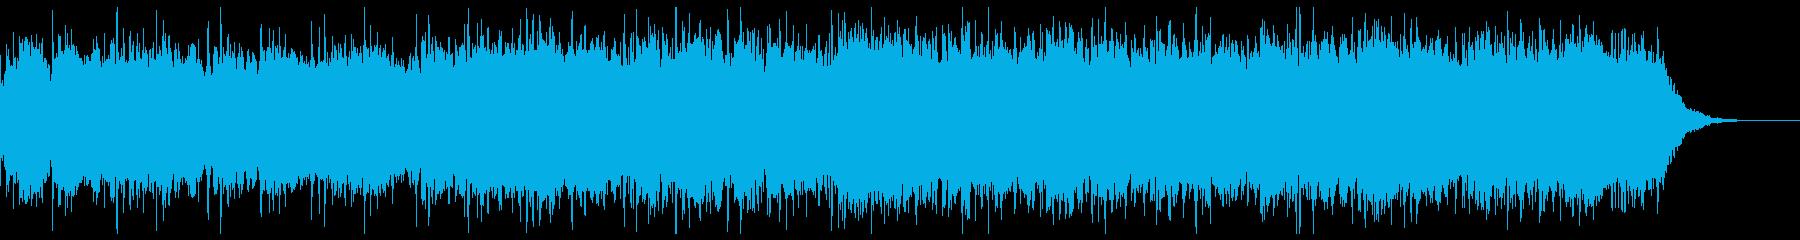 教育コンテンツ向け_05の再生済みの波形